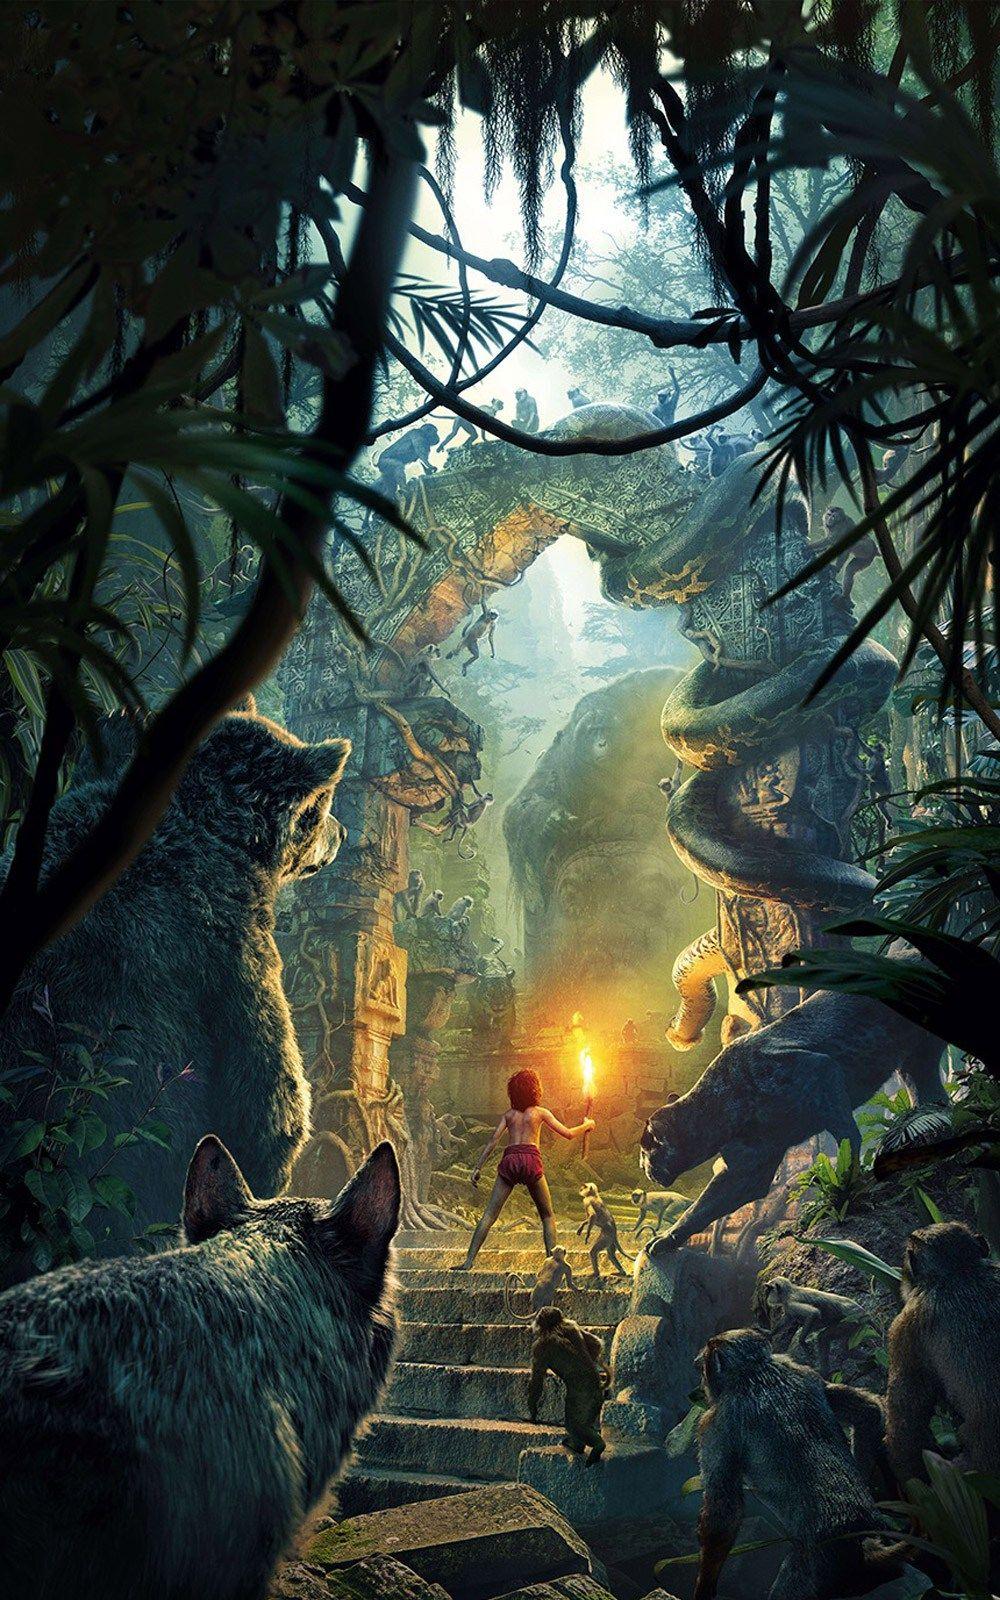 Junglebook Jungle book 2016, Best movie posters, Jungle